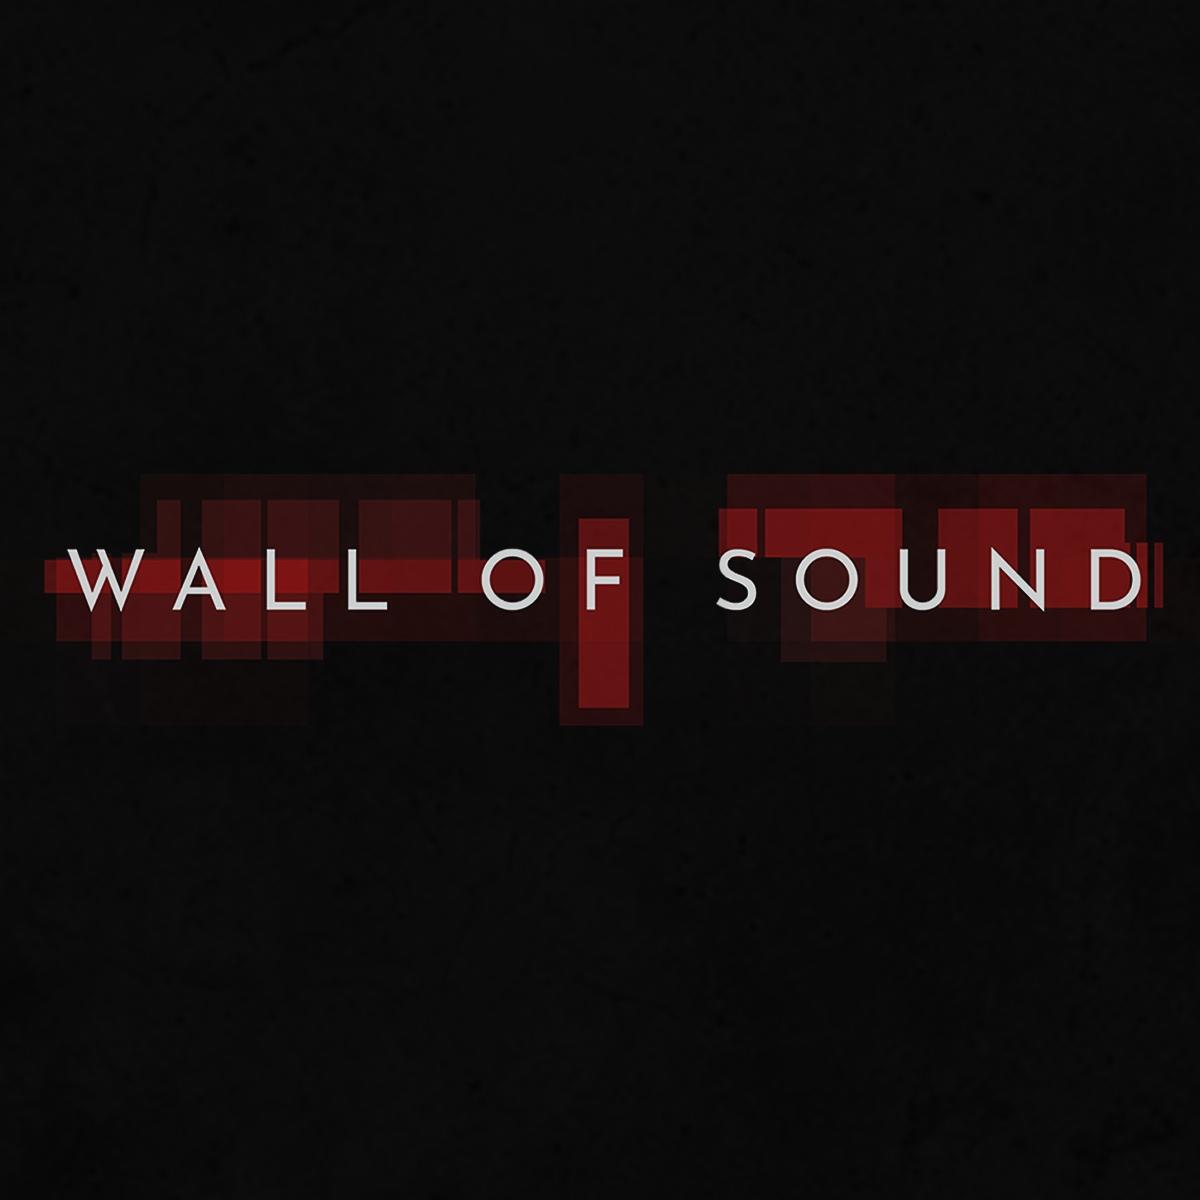 Афиша Wall of Sound / Pilpomer Bar 23/01/2021